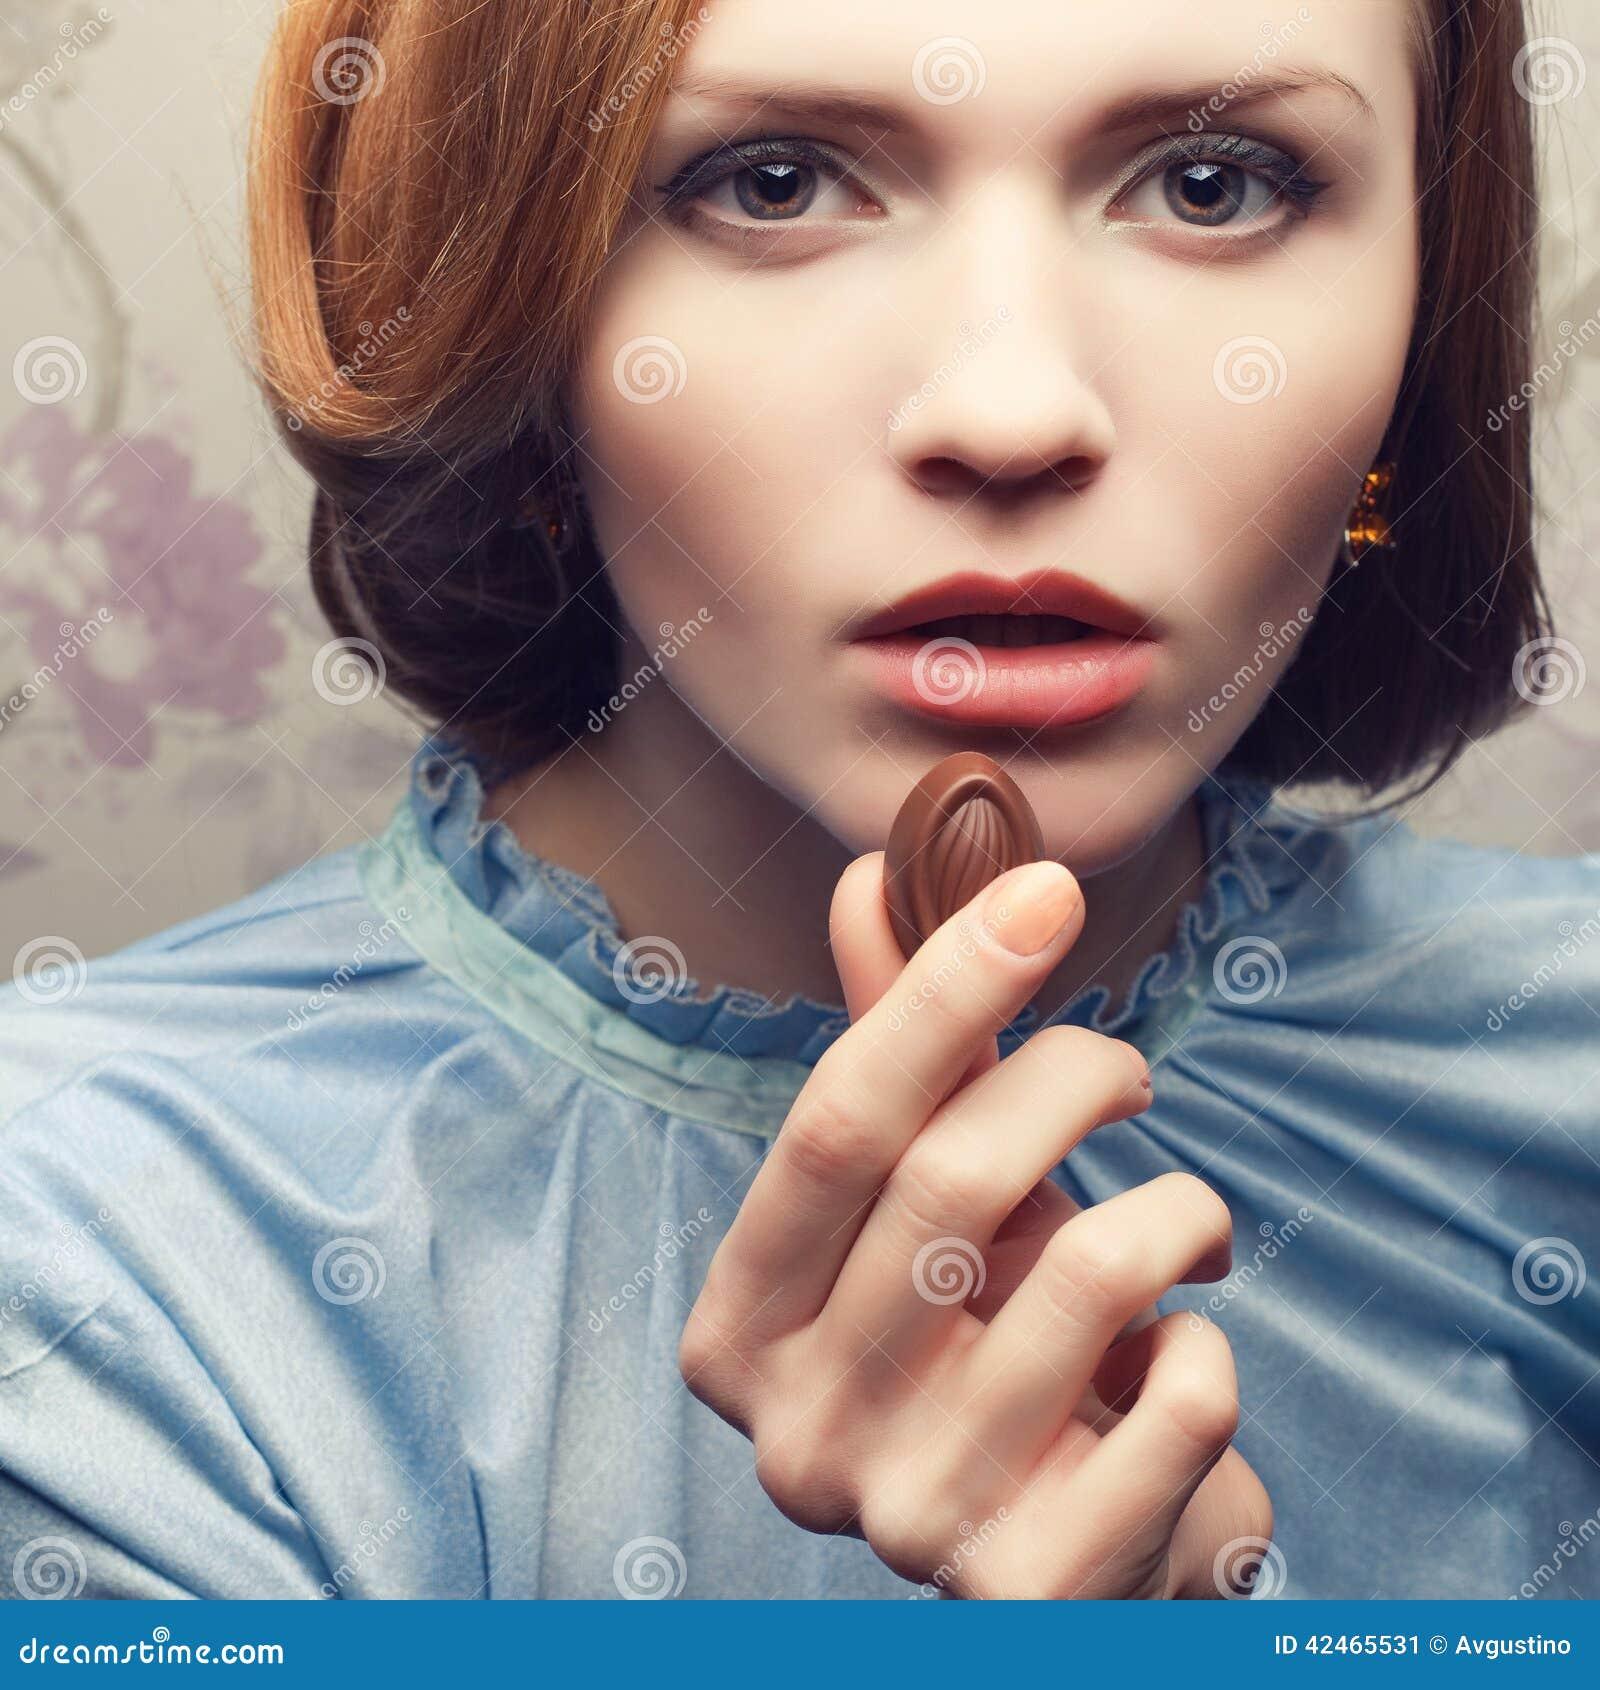 Bezauberndes rothaariges (Ingwer) Mädchen im blauen Kleid Süßigkeit essend